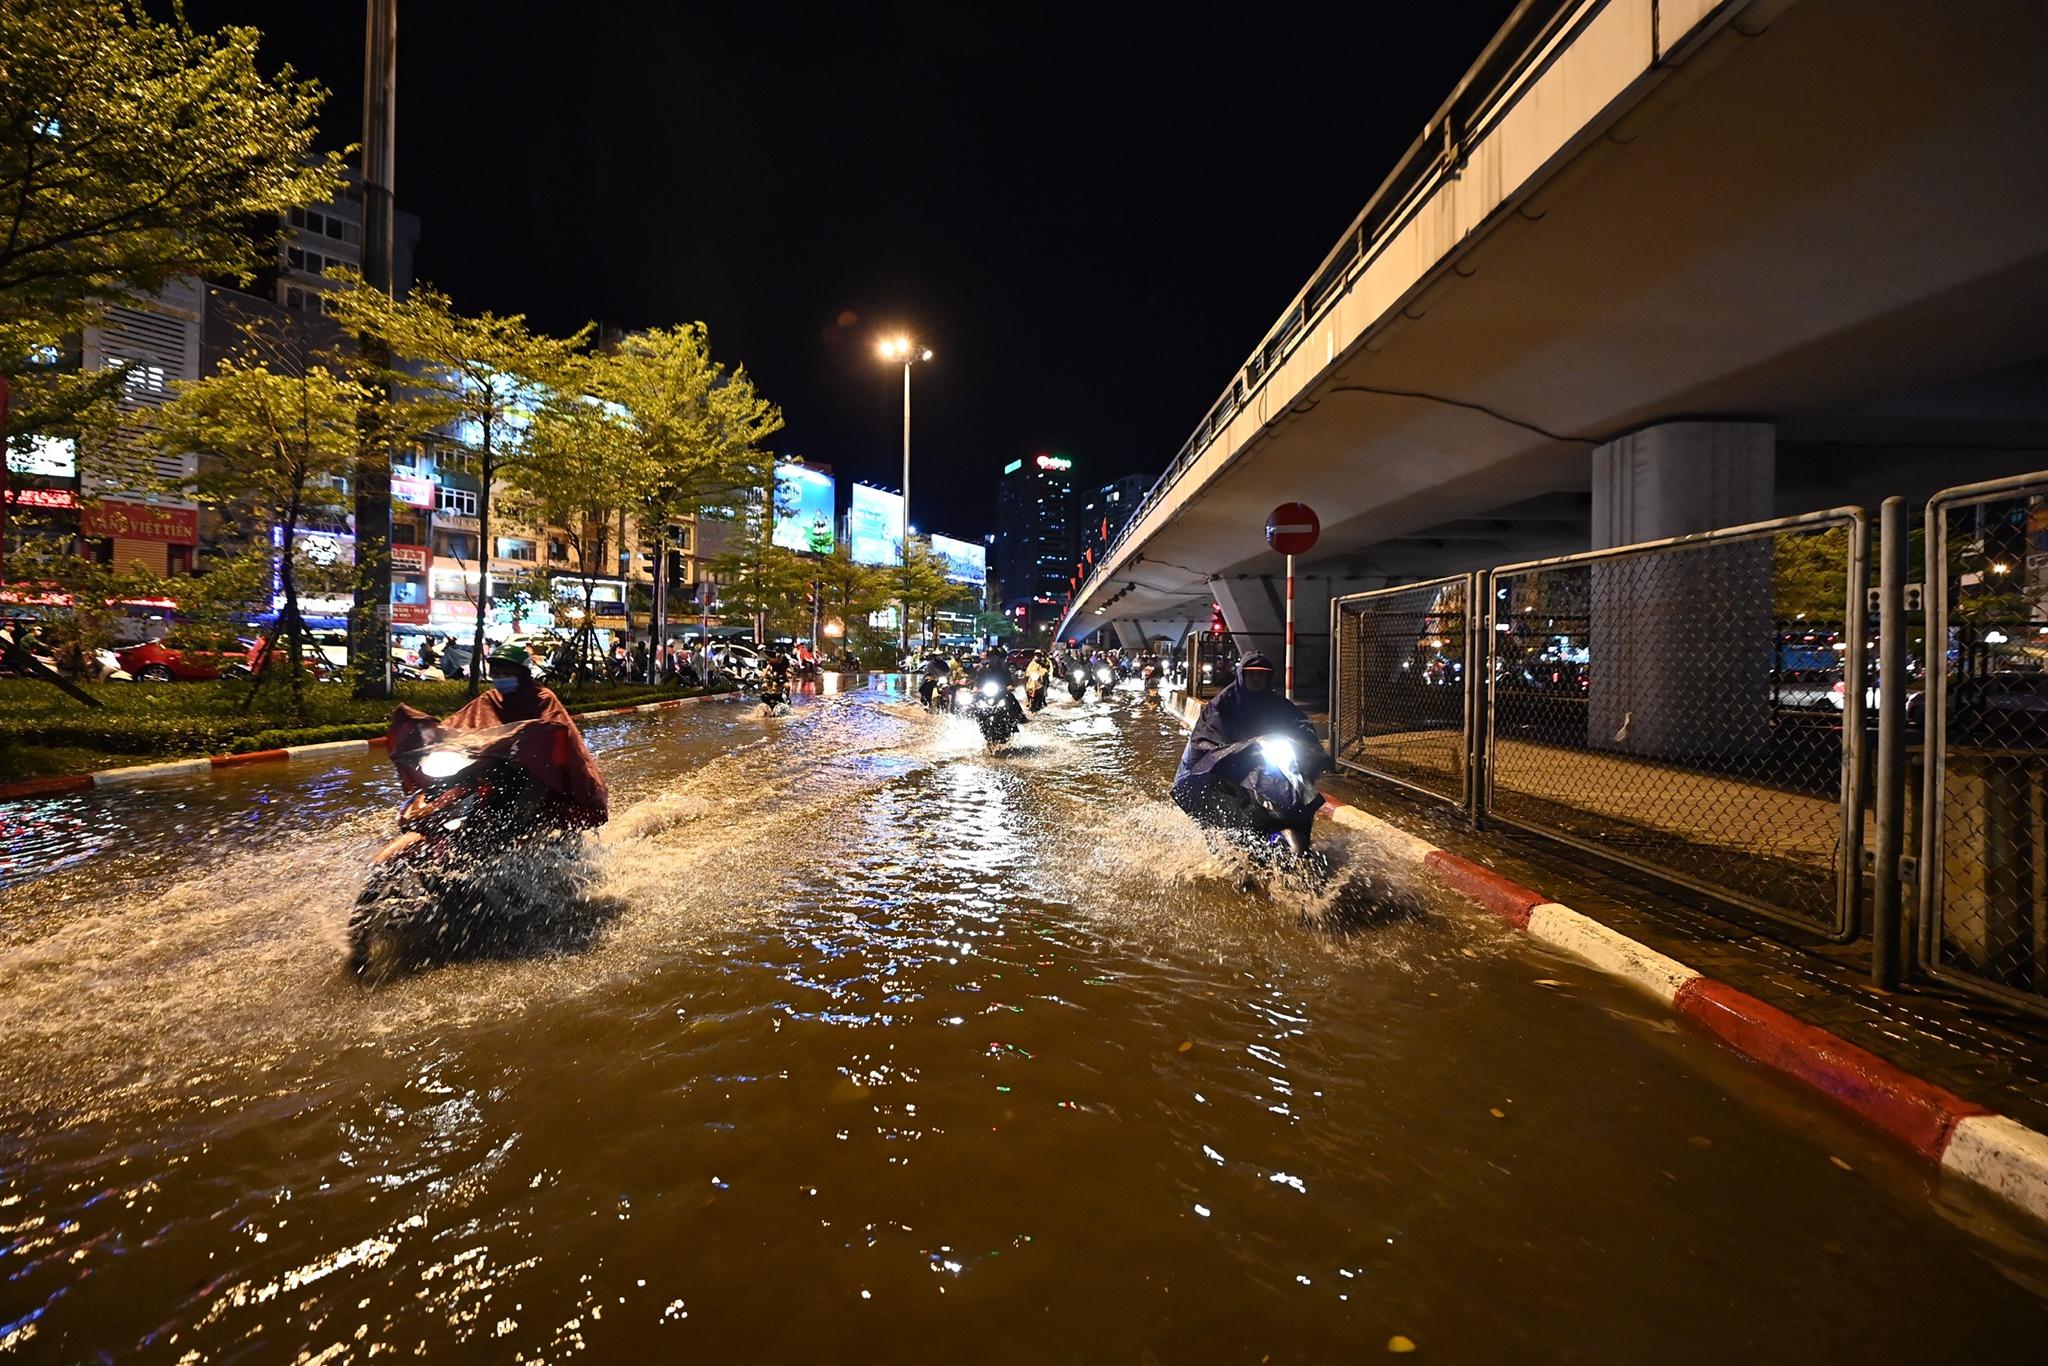 Bắt cá giữa đường sau mưa ngập ở Hà Nội - Ảnh 14.